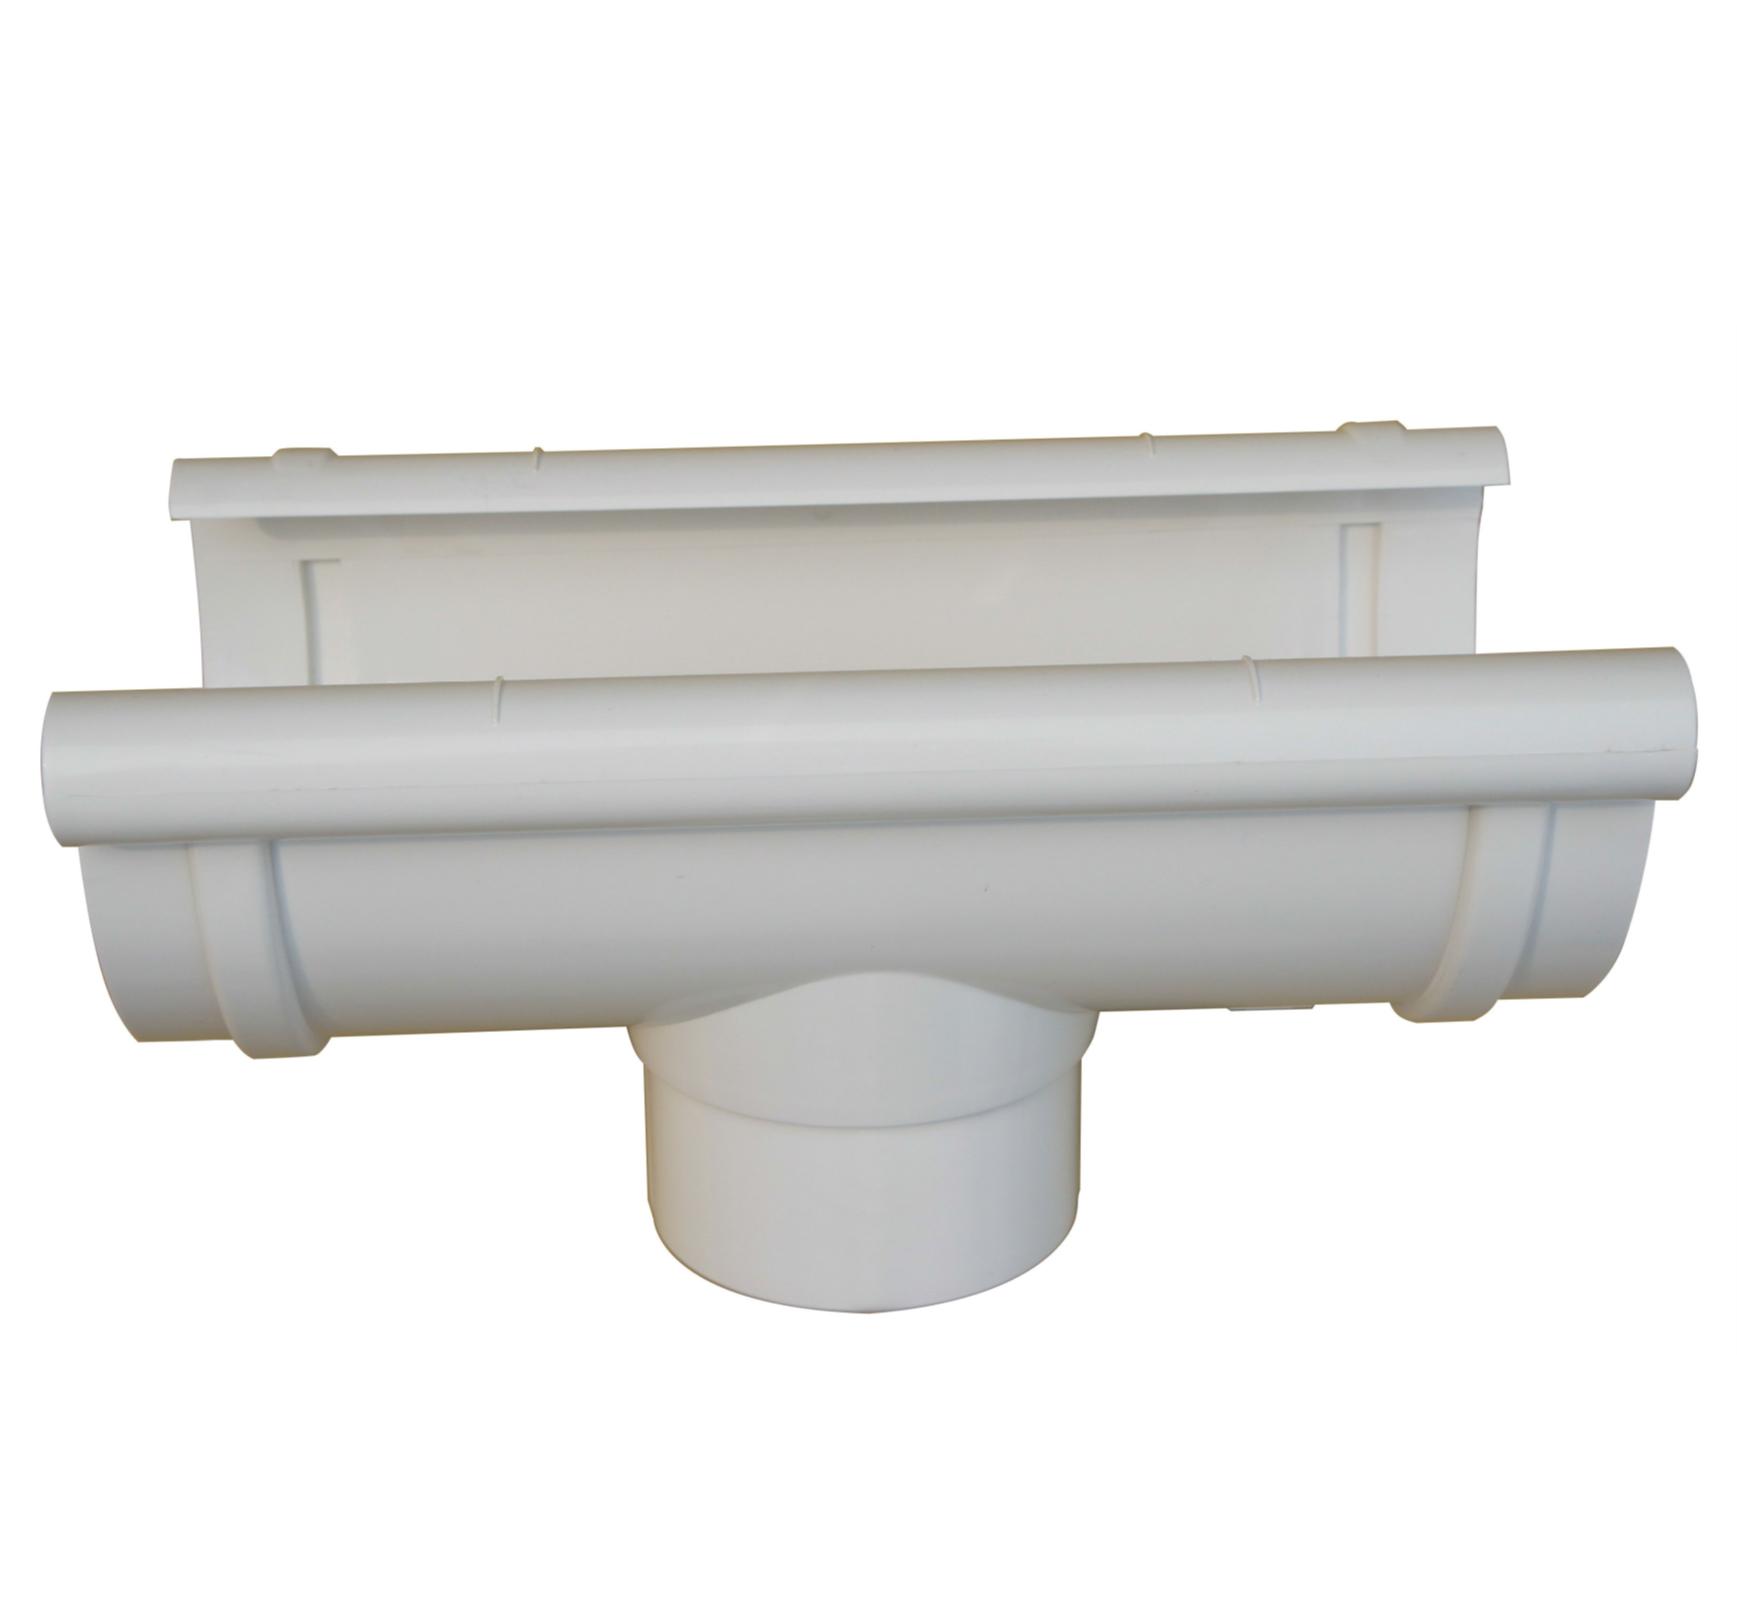 CN Aquatherm pvc rainwater gutter system gutter tee ф125×88